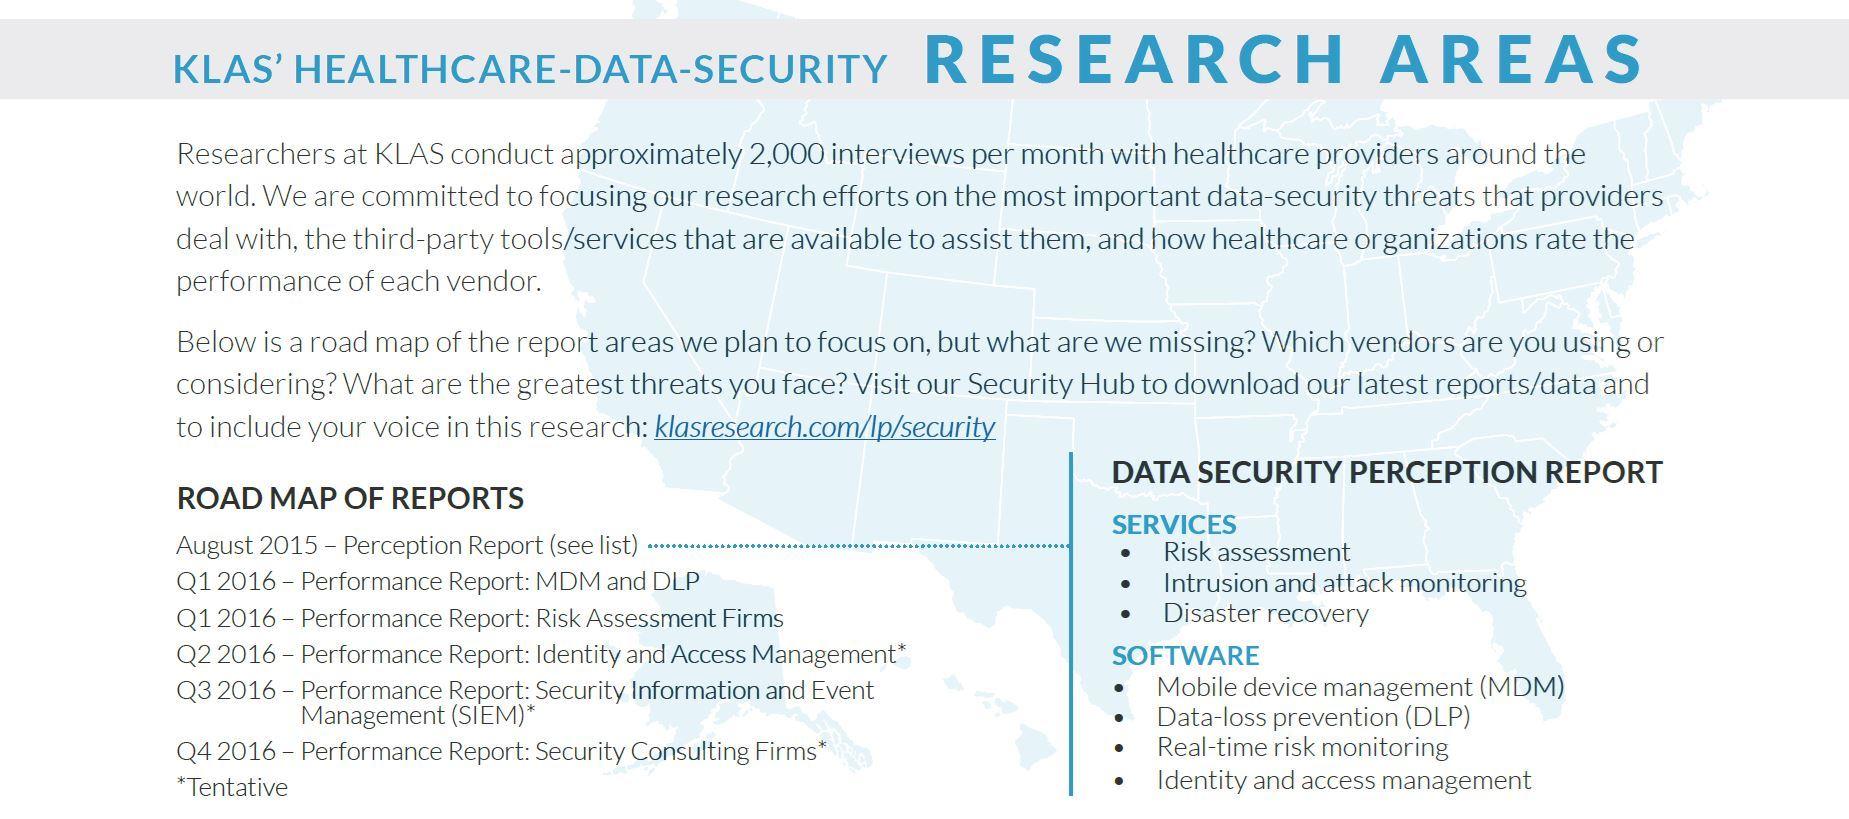 klas healthcare data security research areas